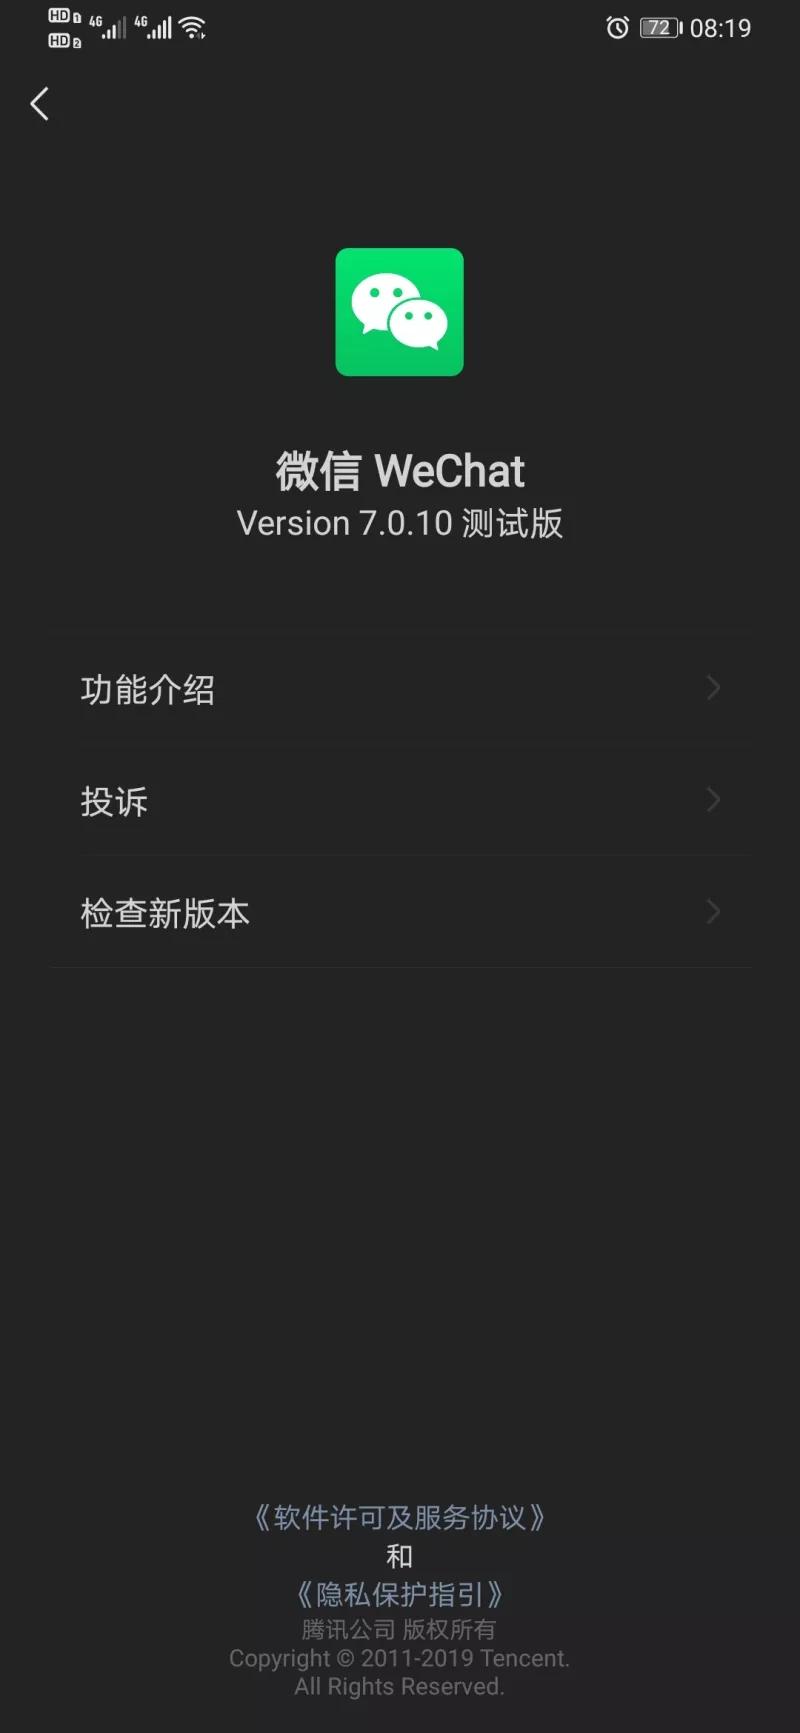 微信7.0.10内测版